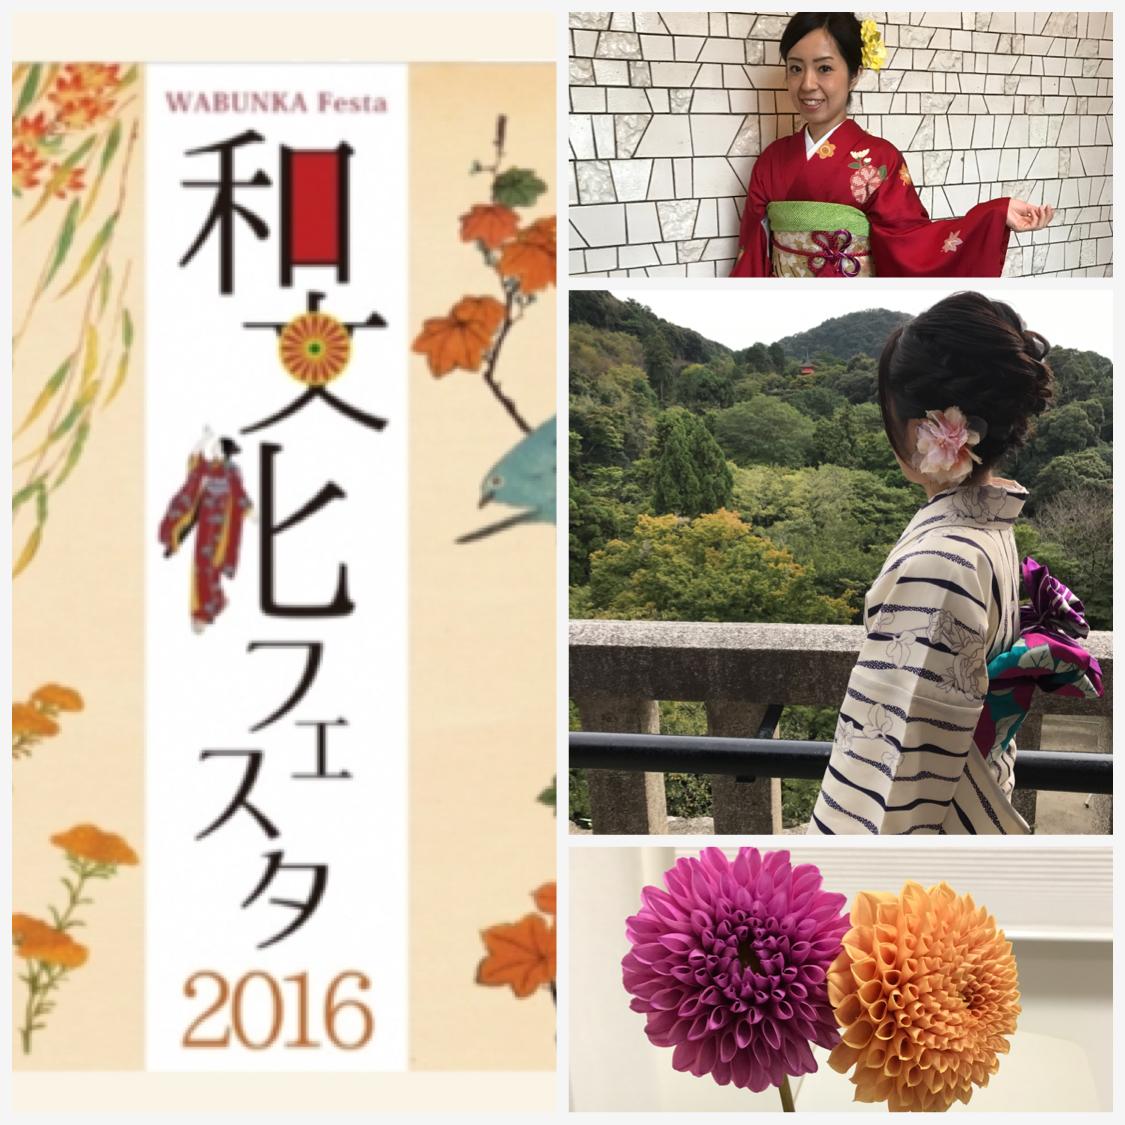 渋谷で!?着物で楽しむ華道、茶道、和文化ワークショップ♡和フェス